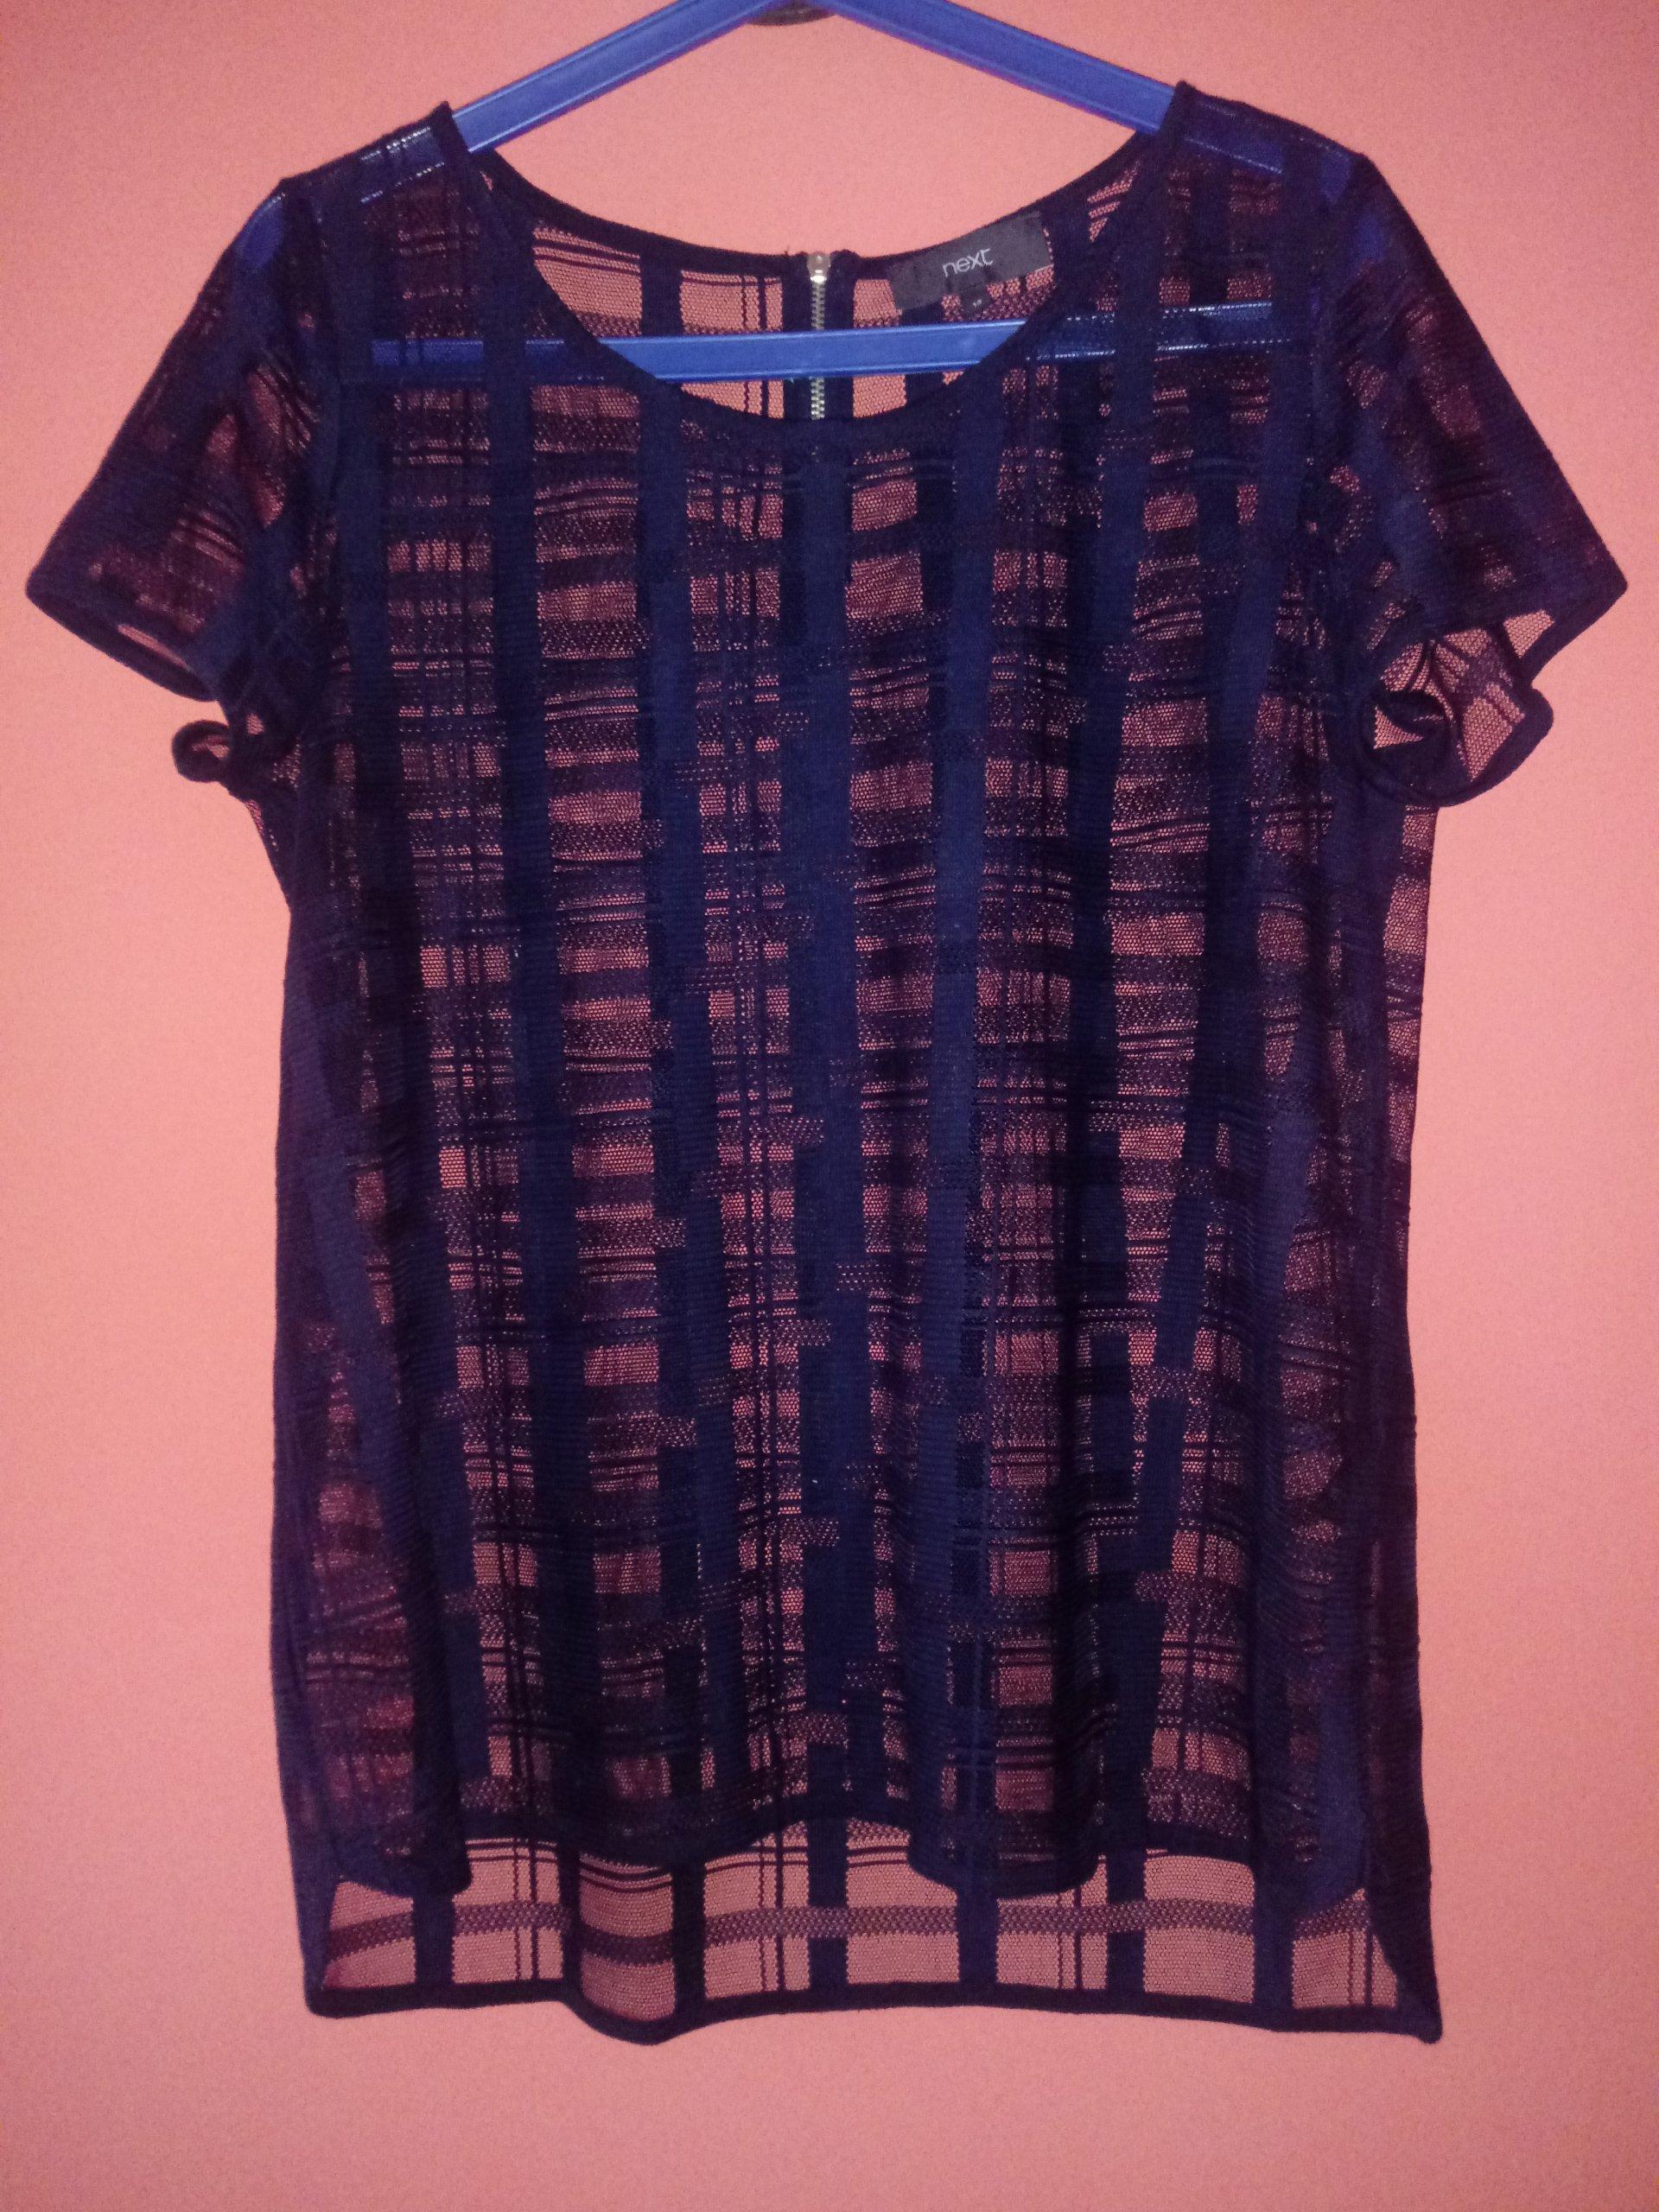 2a6134c4228d20 prześwitująca koszulka siatka blog tumblr next - 7284261467 ...